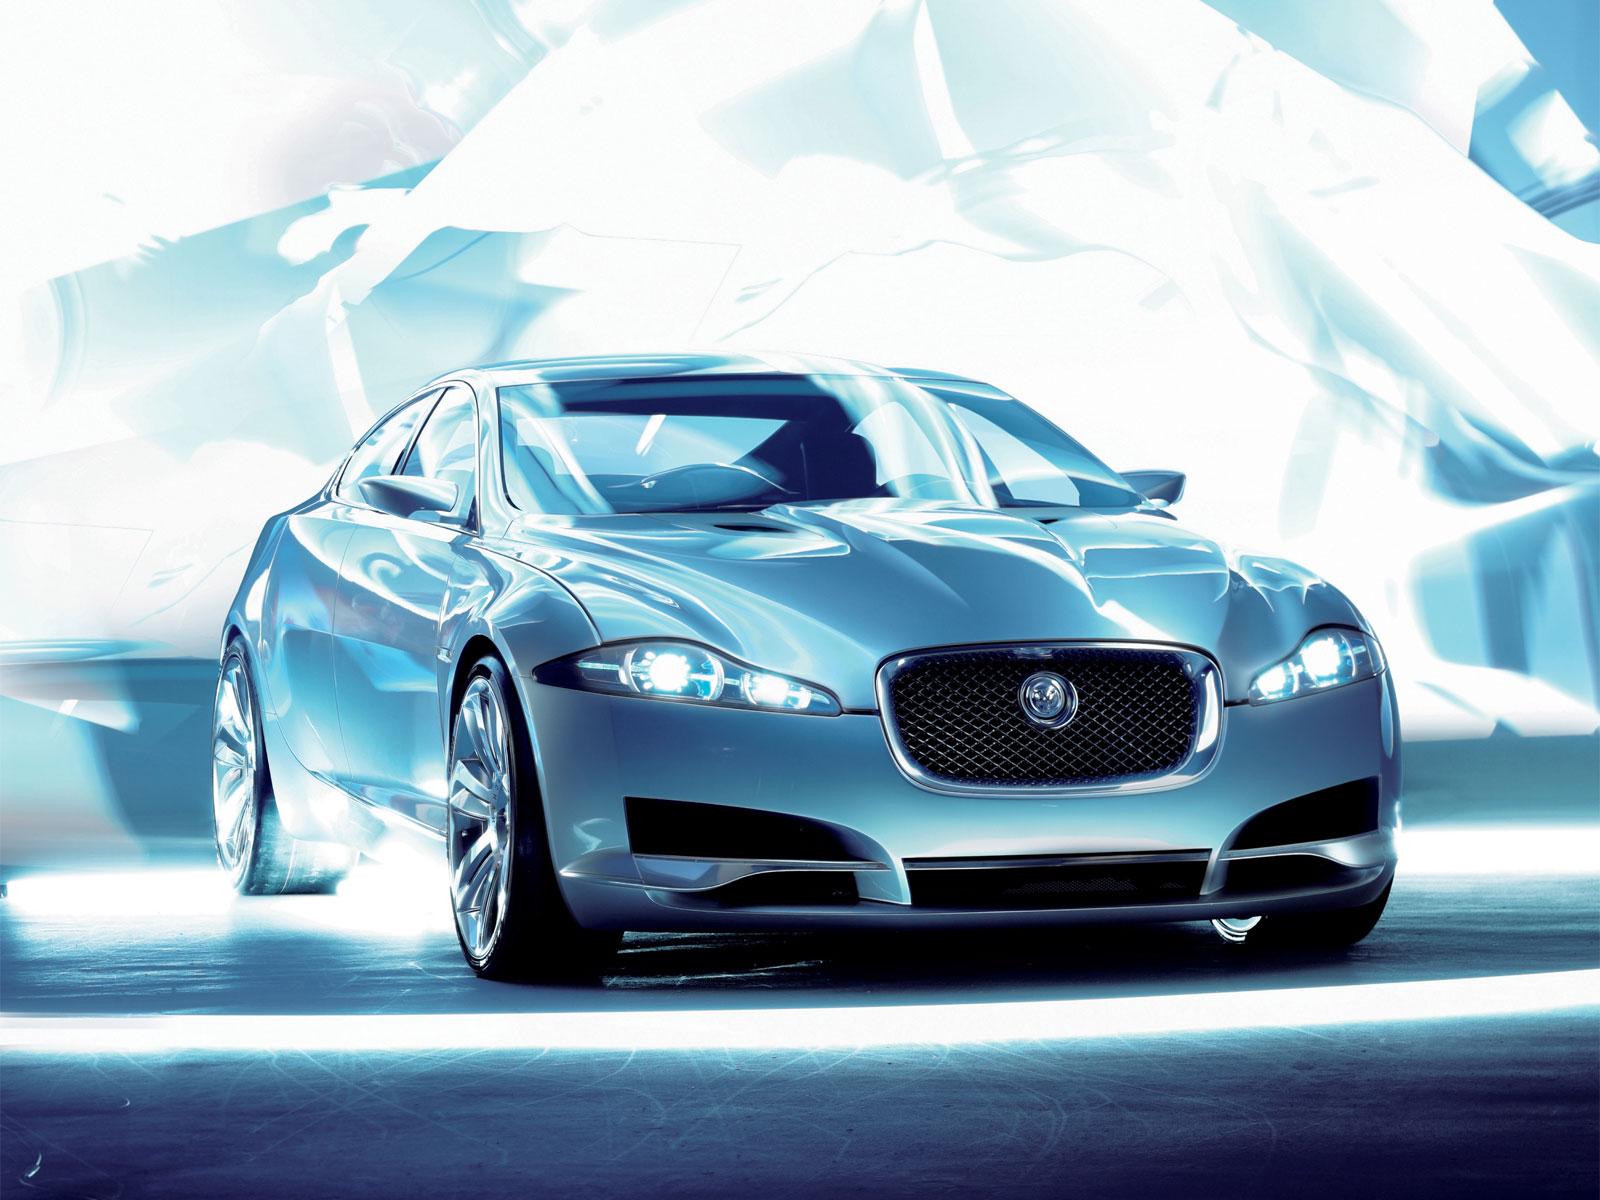 Jaguar Cars Hd Wallpapers, Jaguar Hd Wallpapers Free